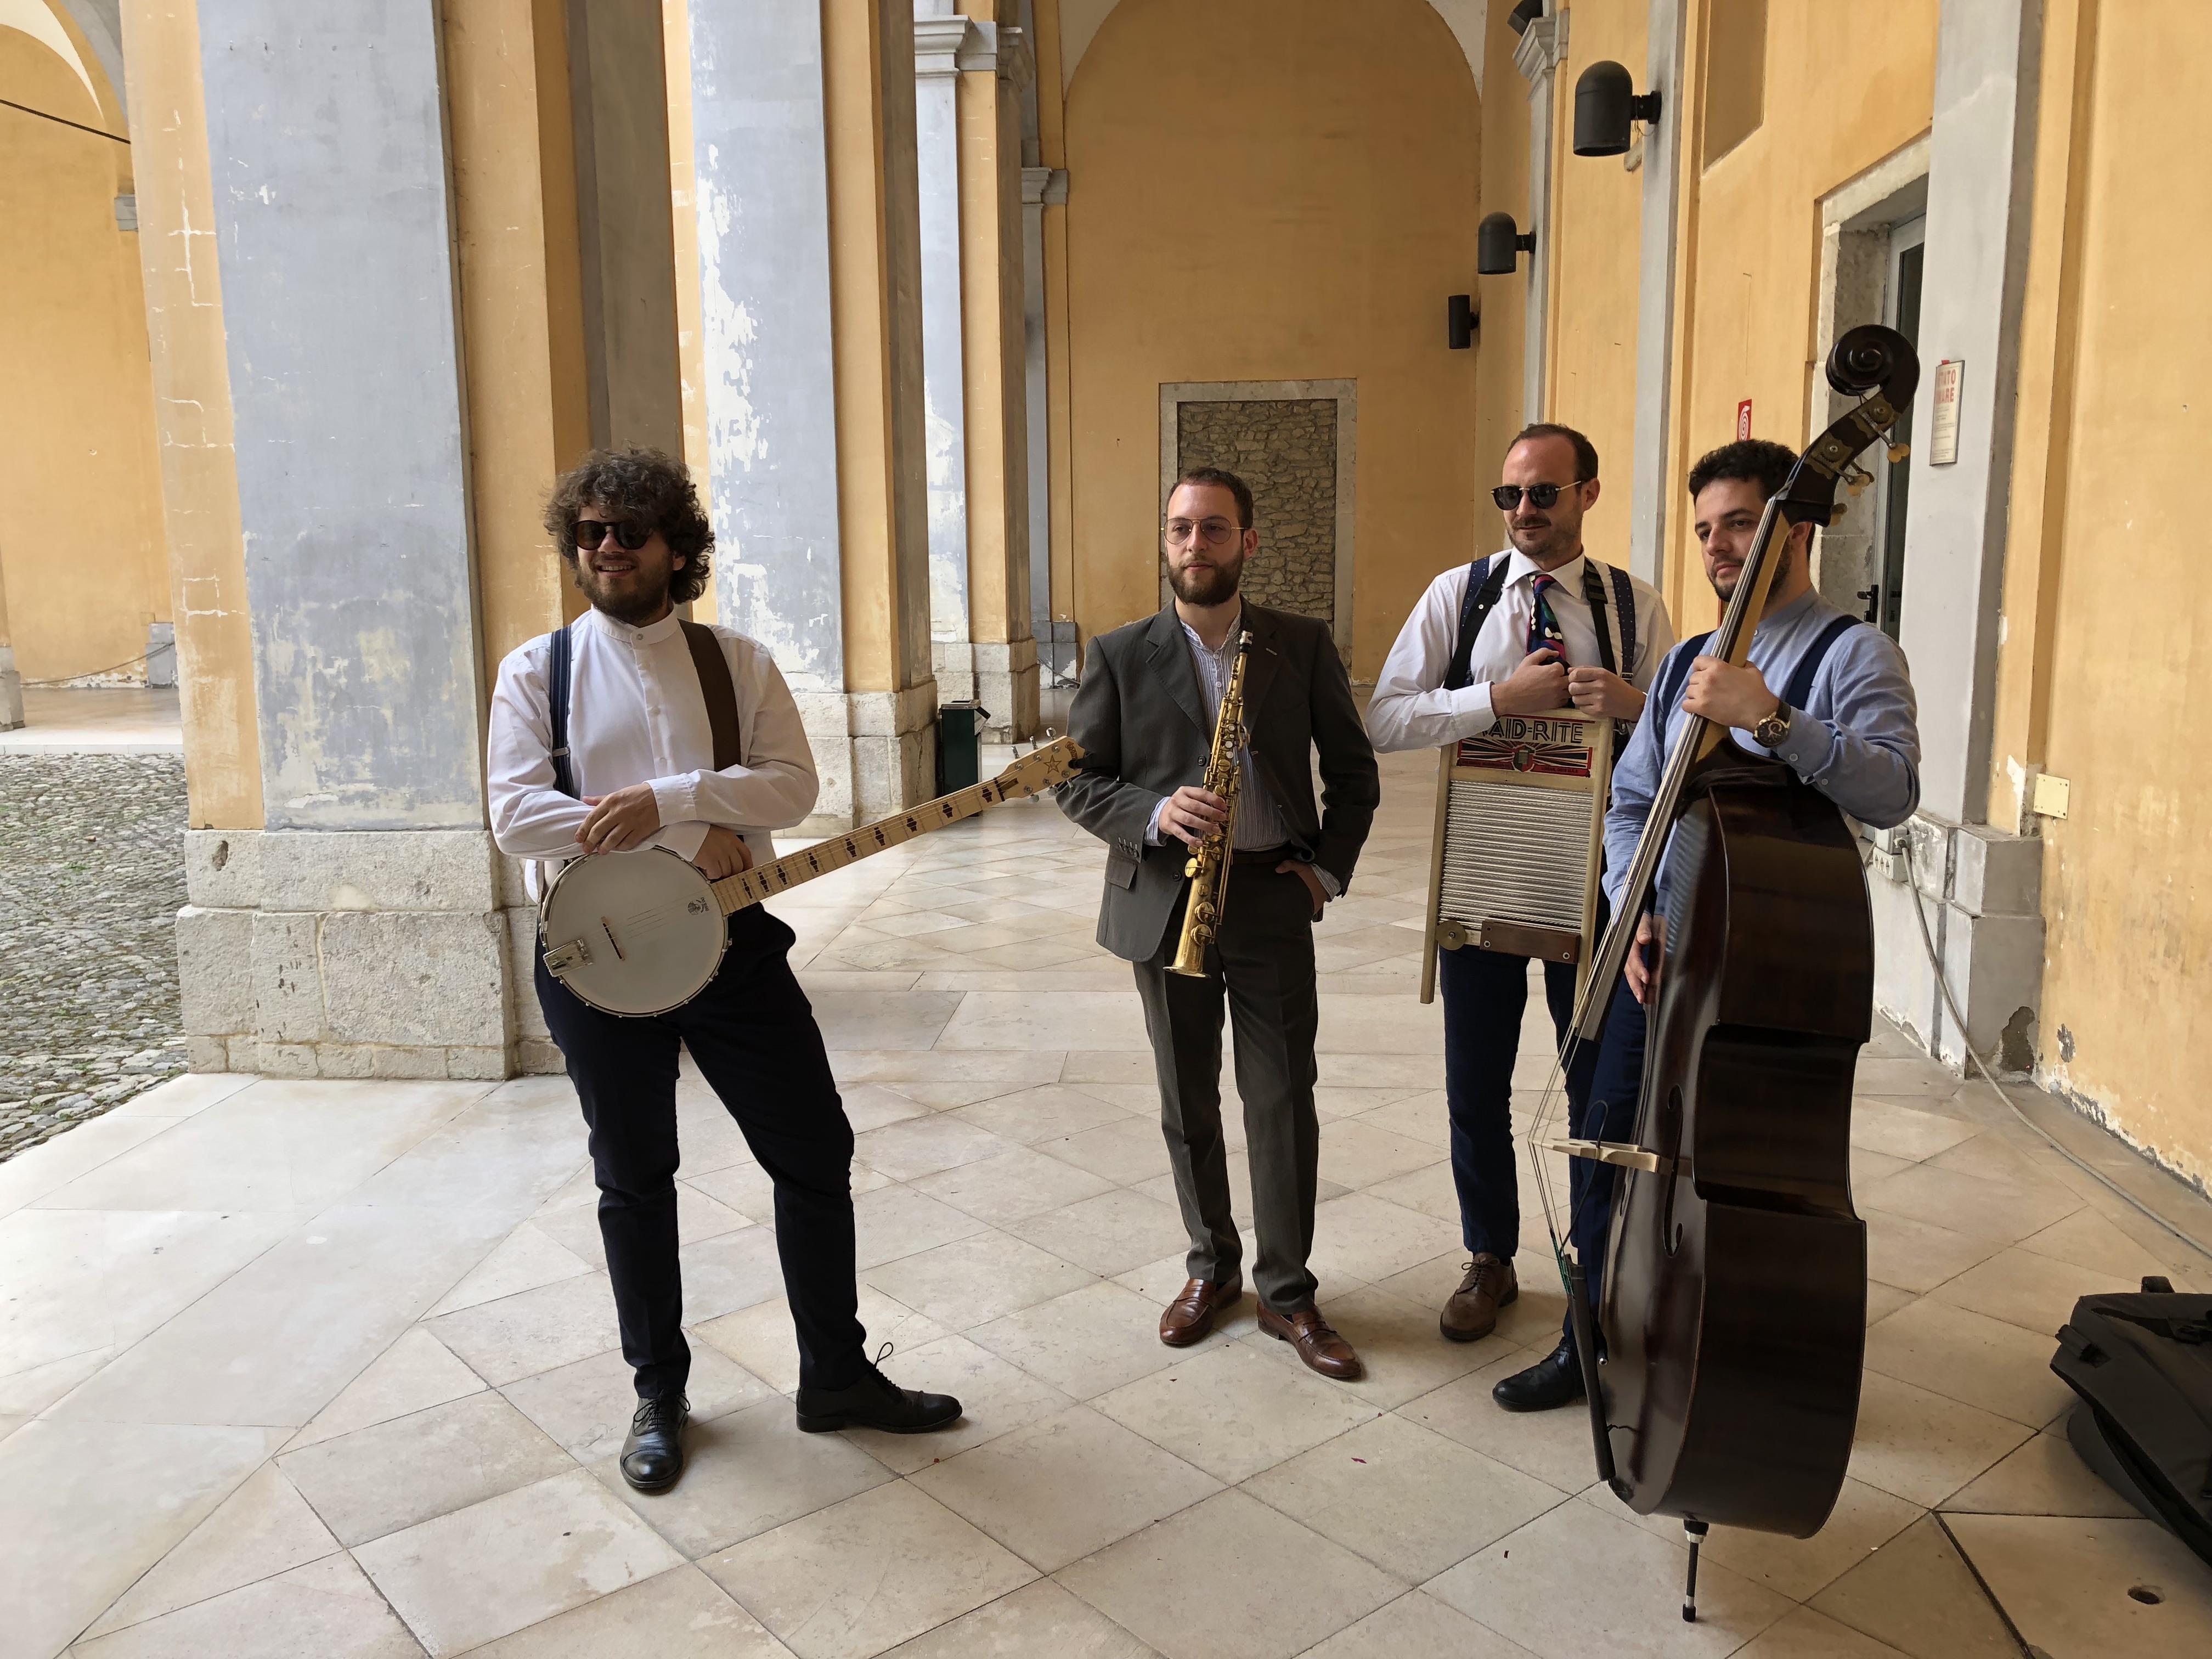 Musica e innovazione, presentati i programmi di 'JazzInn' e 'Jazz sotto le Stelle'